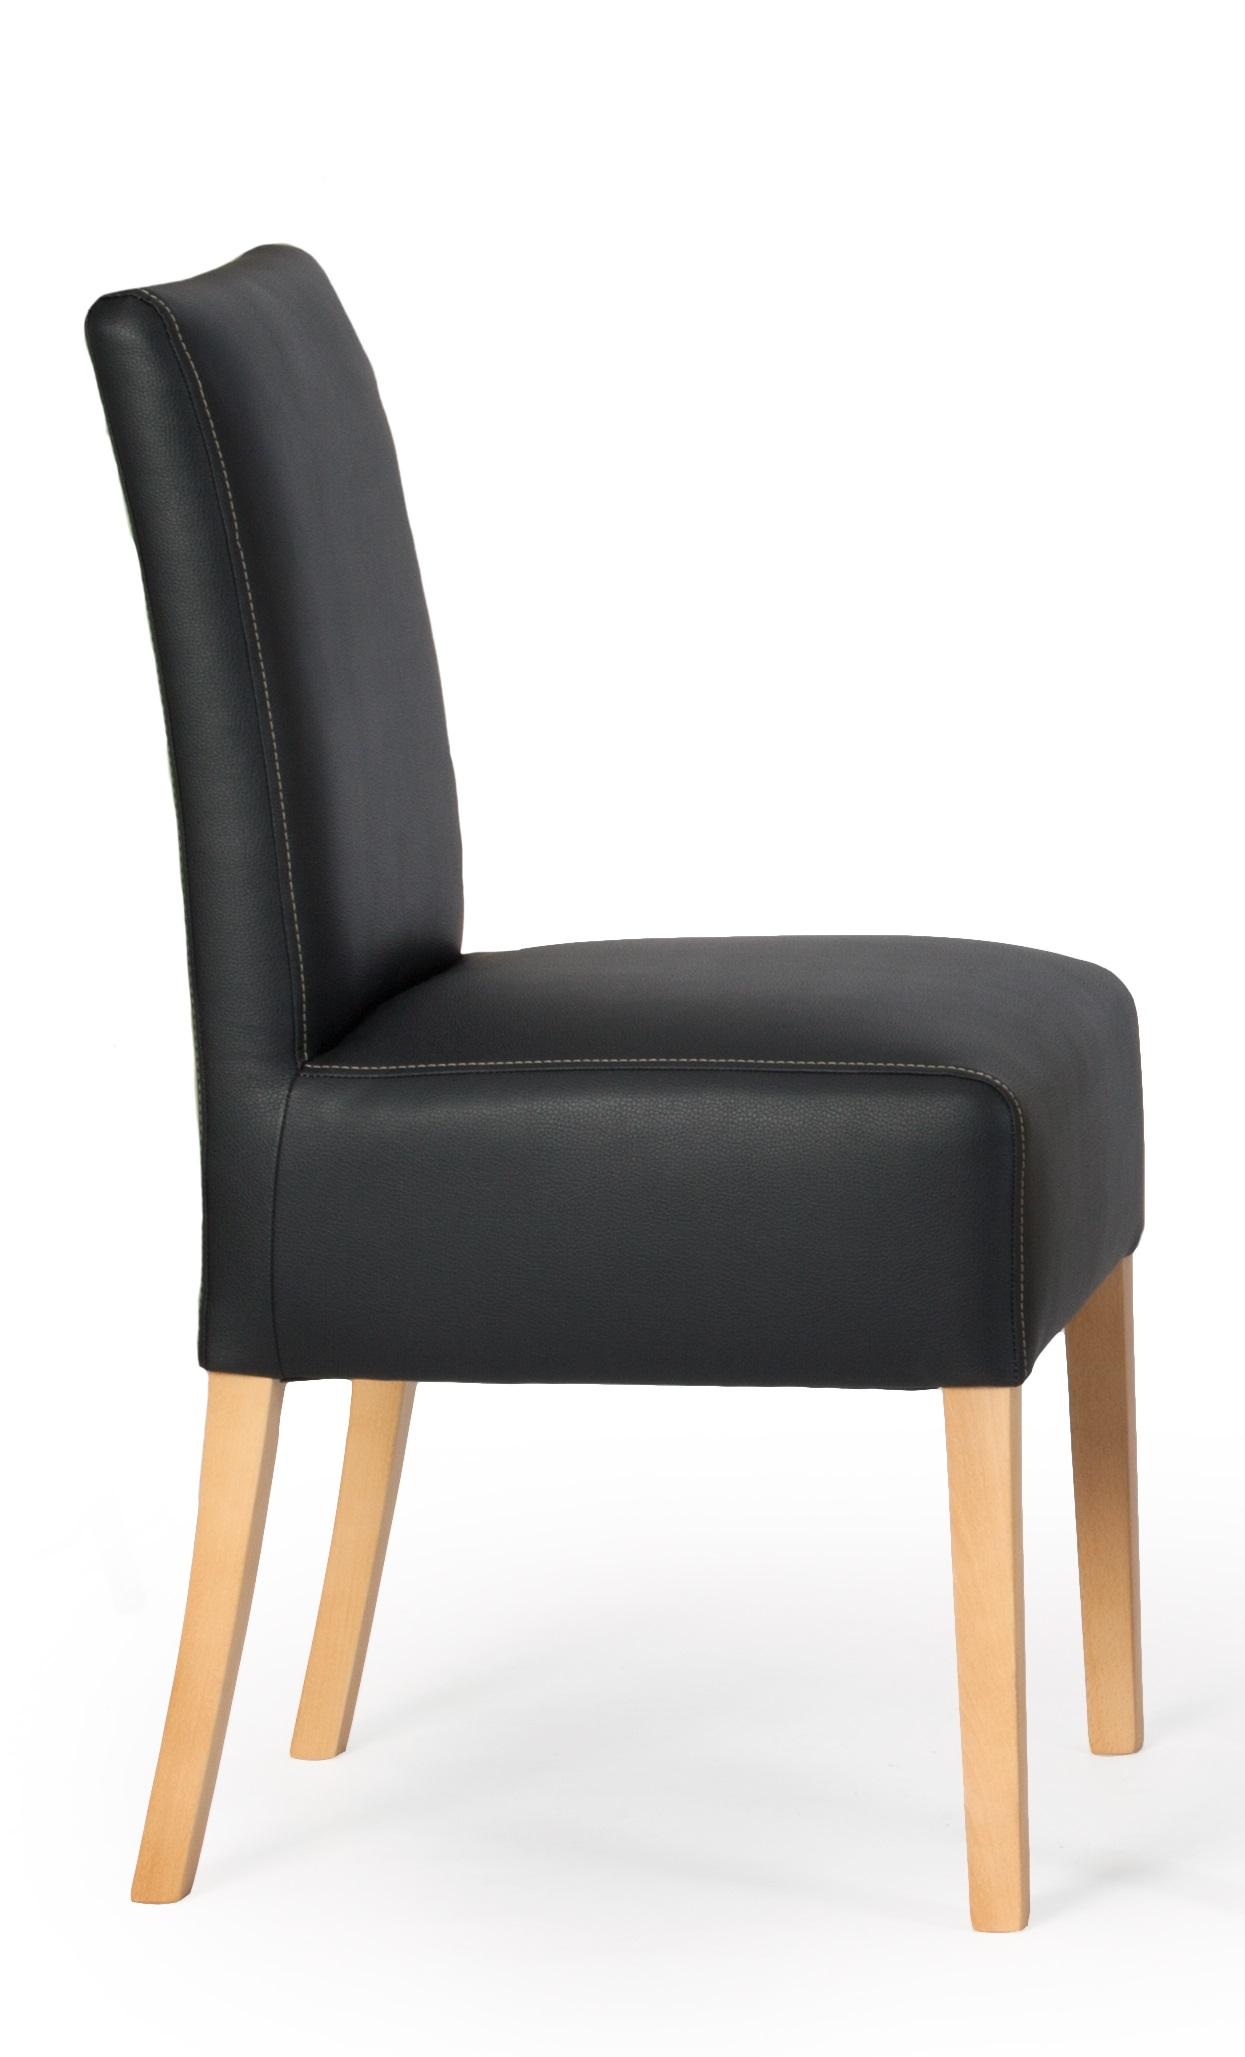 aktiv 2er stuhlset sessel stuhl poplow kunstleder schwarz h901 modern buche lack. Black Bedroom Furniture Sets. Home Design Ideas